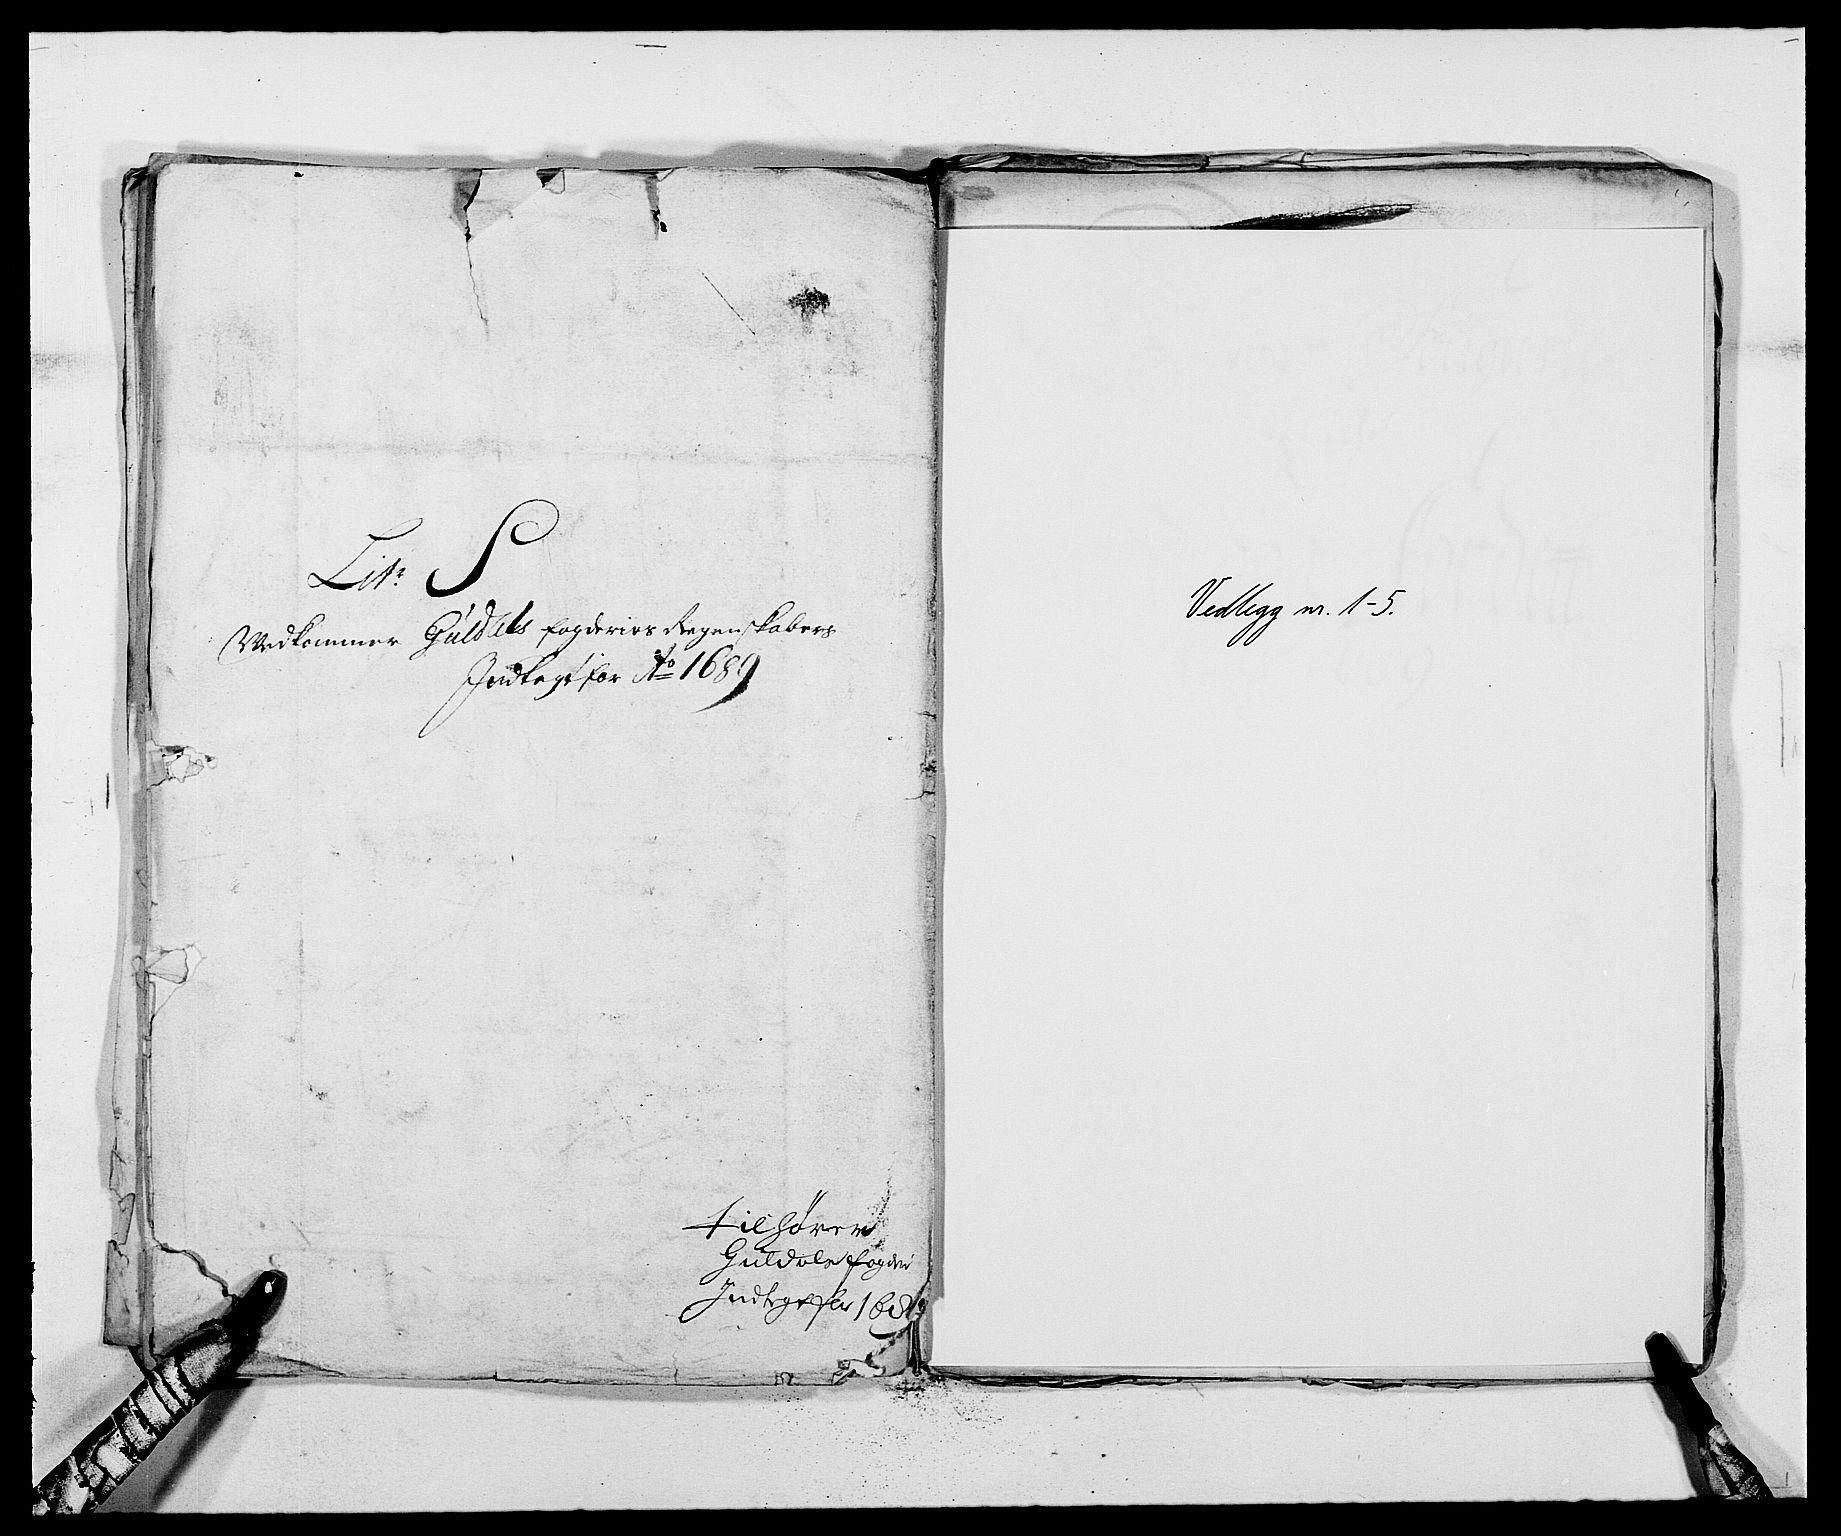 RA, Rentekammeret inntil 1814, Reviderte regnskaper, Fogderegnskap, R59/L3940: Fogderegnskap Gauldal, 1689-1690, s. 154